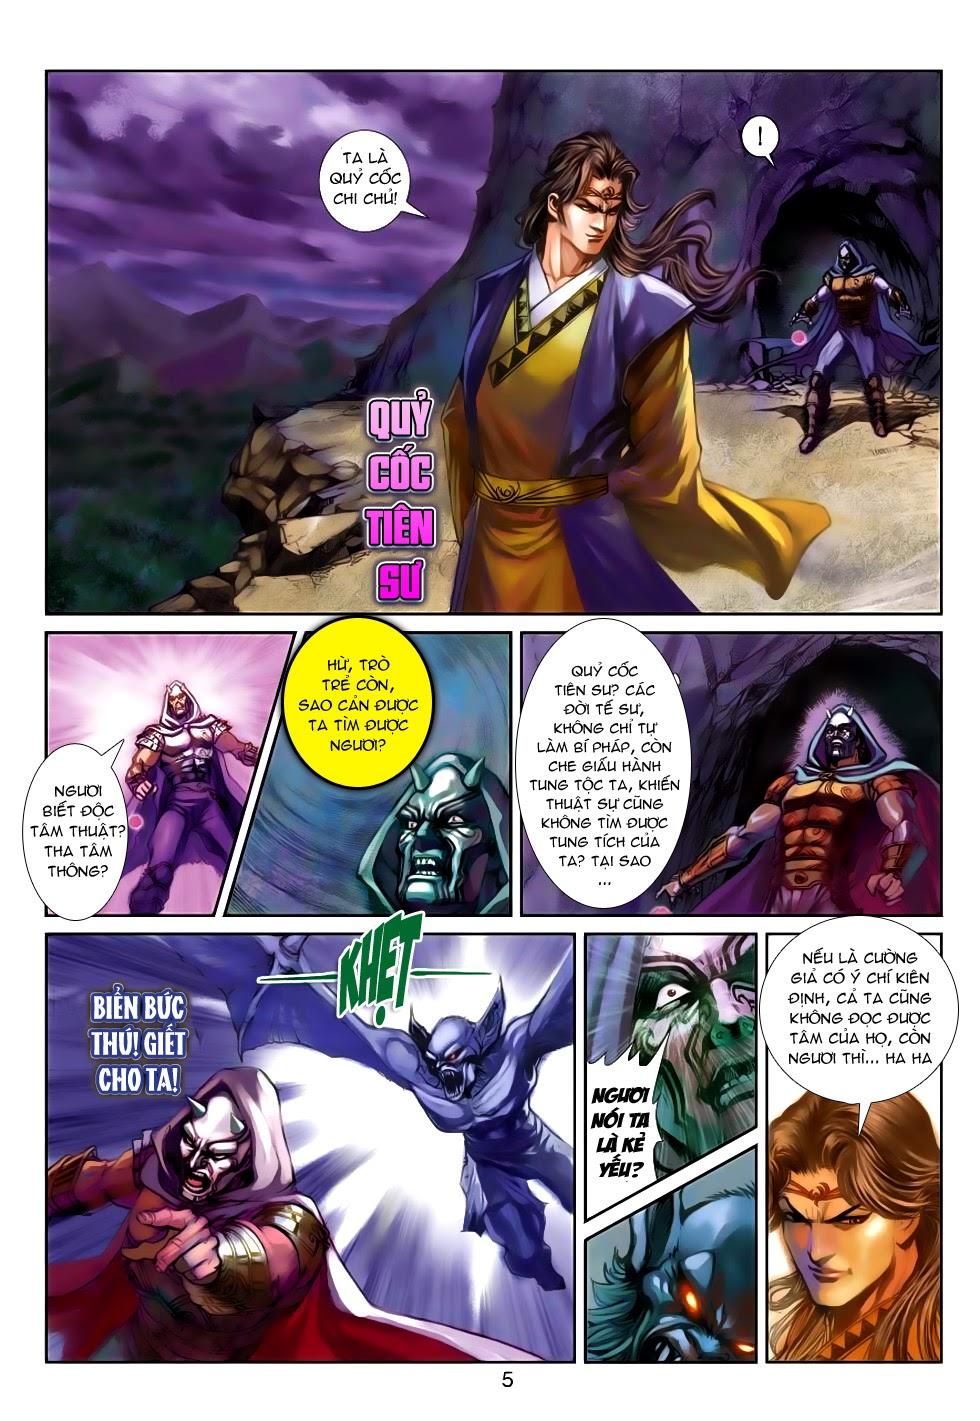 Thần Binh Tiền Truyện 4 - Huyền Thiên Tà Đế chap 5 - Trang 5